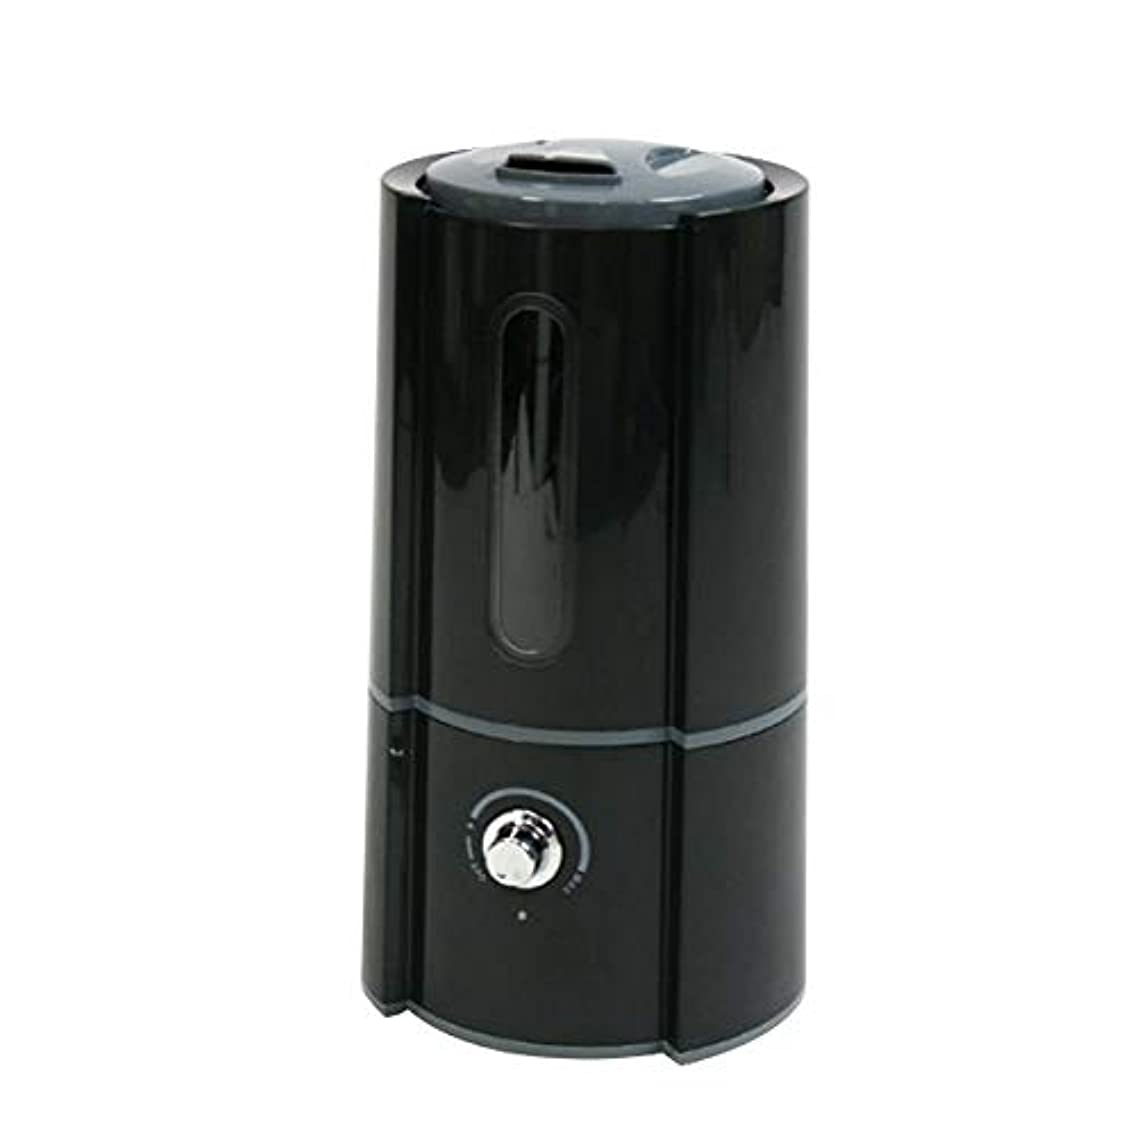 災害ガラス動物加湿器 超音波式 大容量 卓上 2.5L 400ml/h オフィス ディフューザー 加湿量調節 ブラック